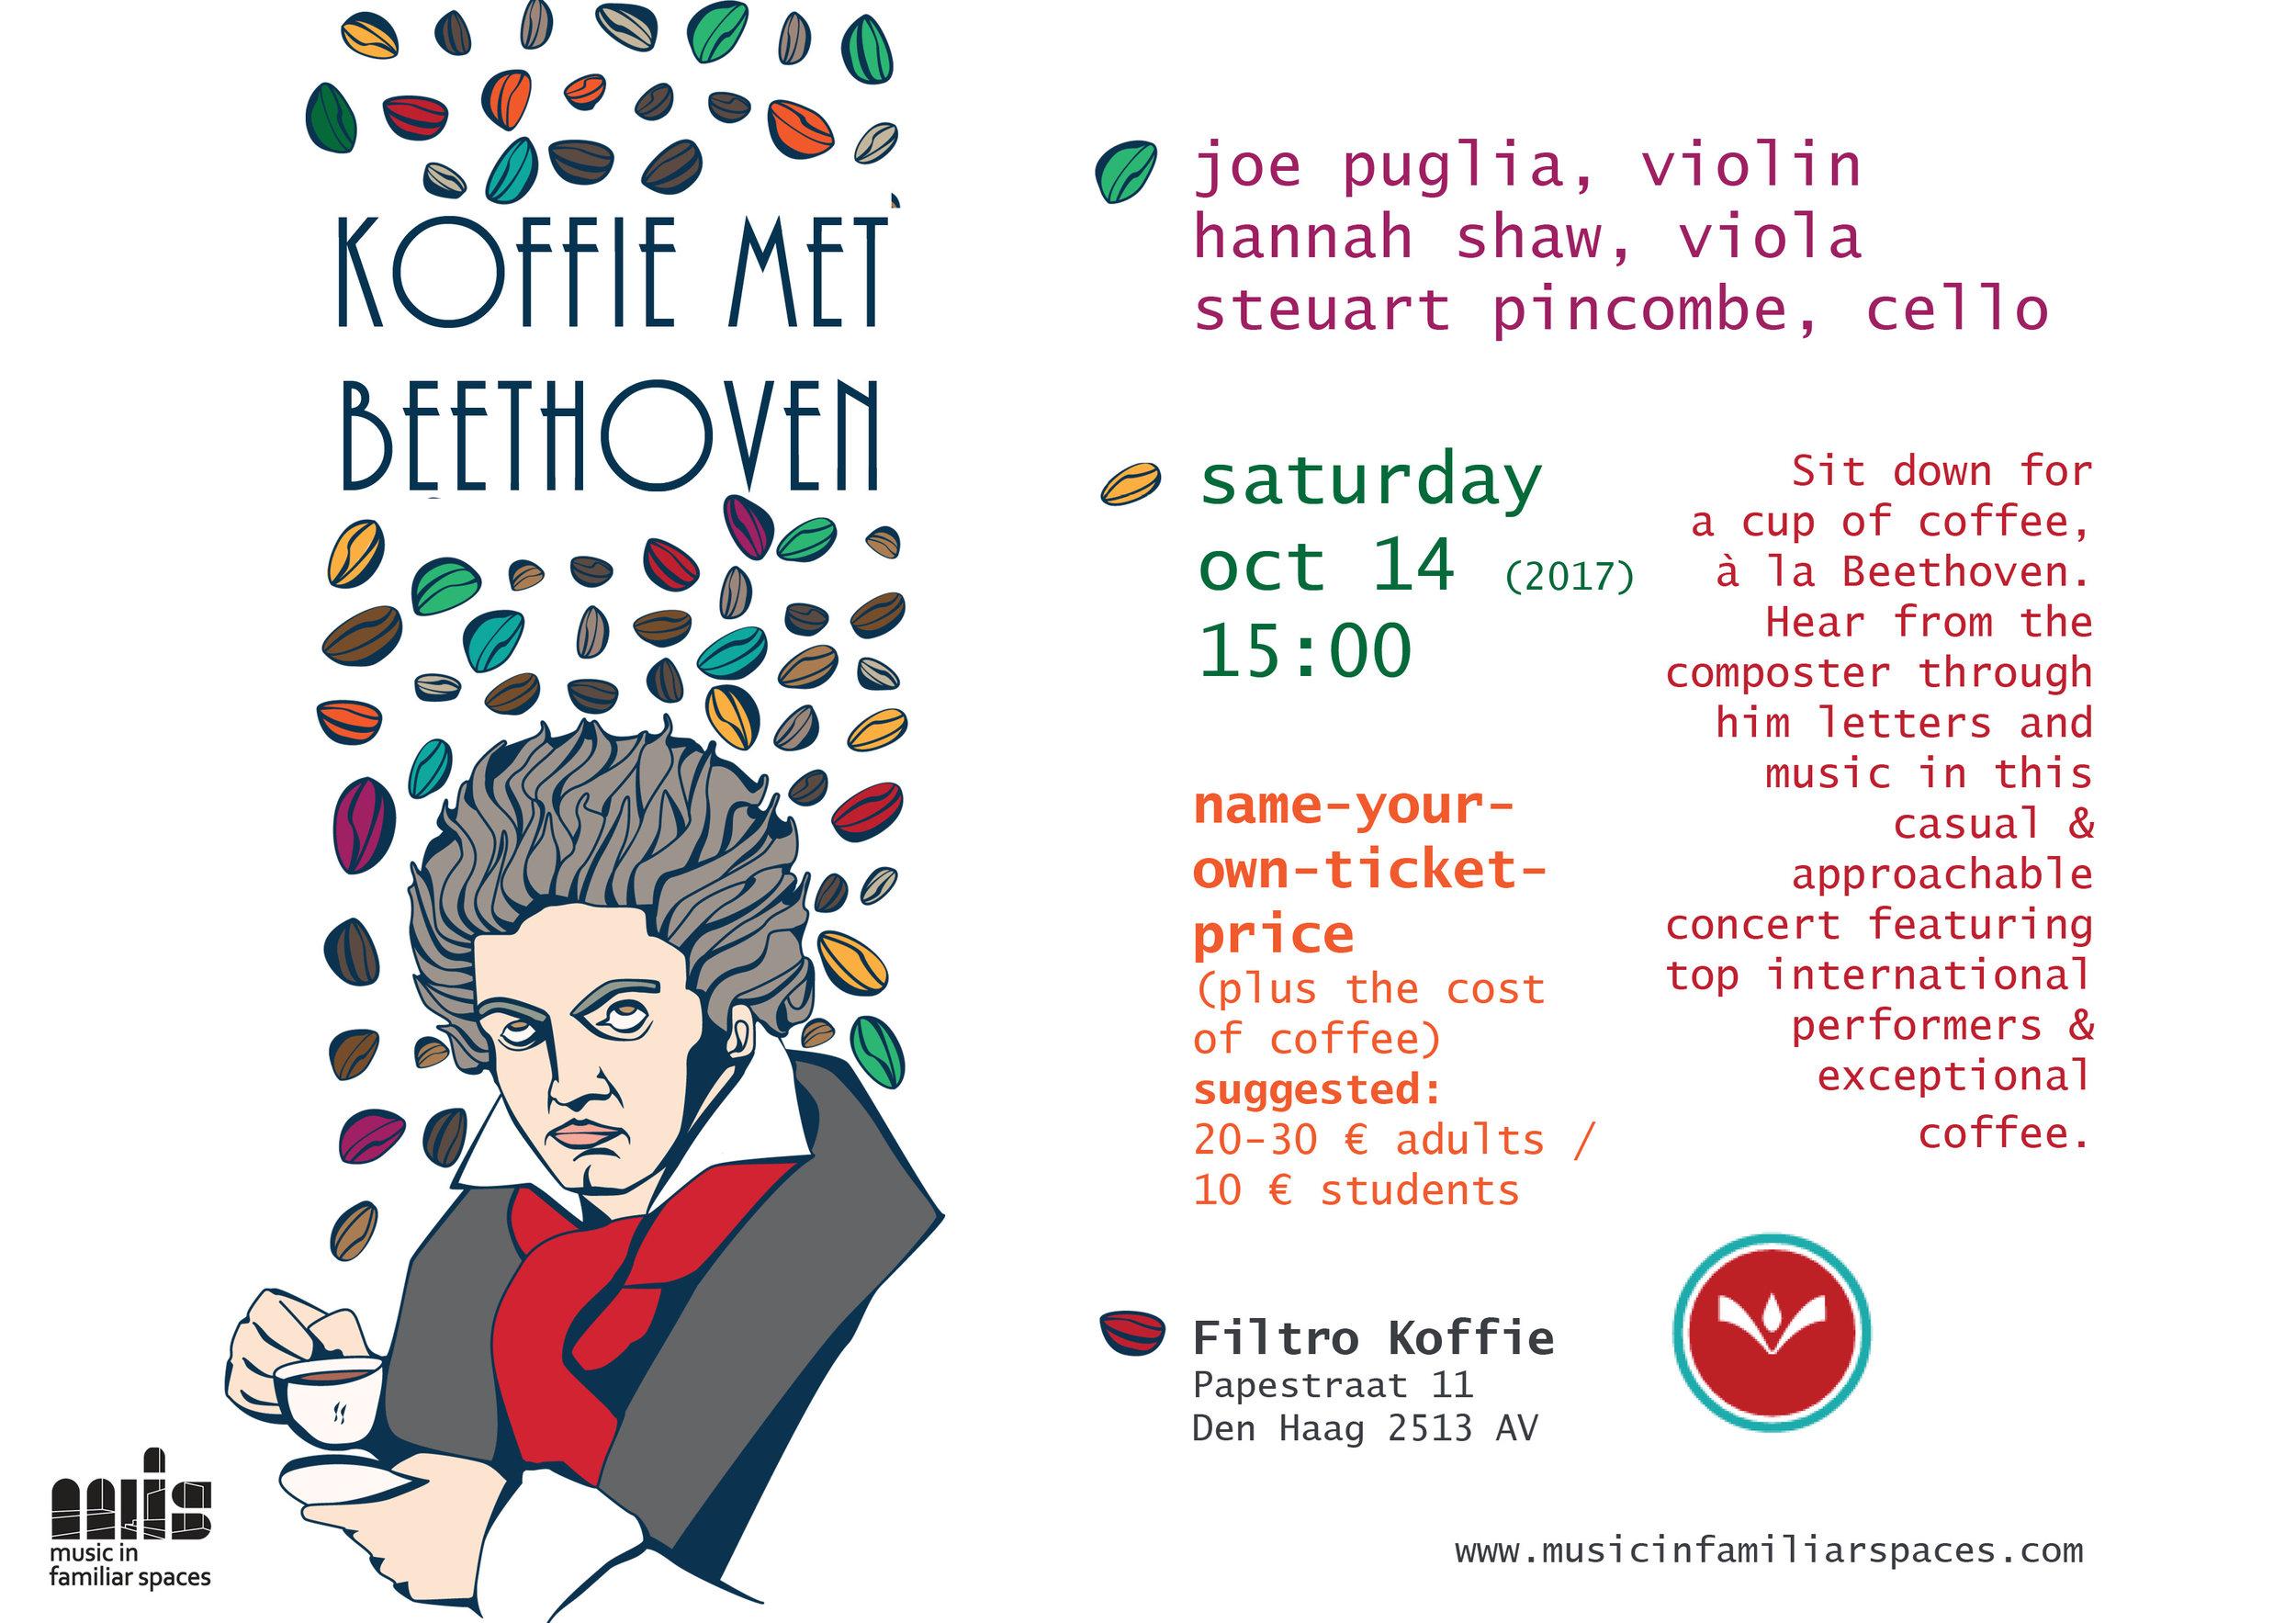 KoffieMetBeethoven_filtro_14Oct.jpg